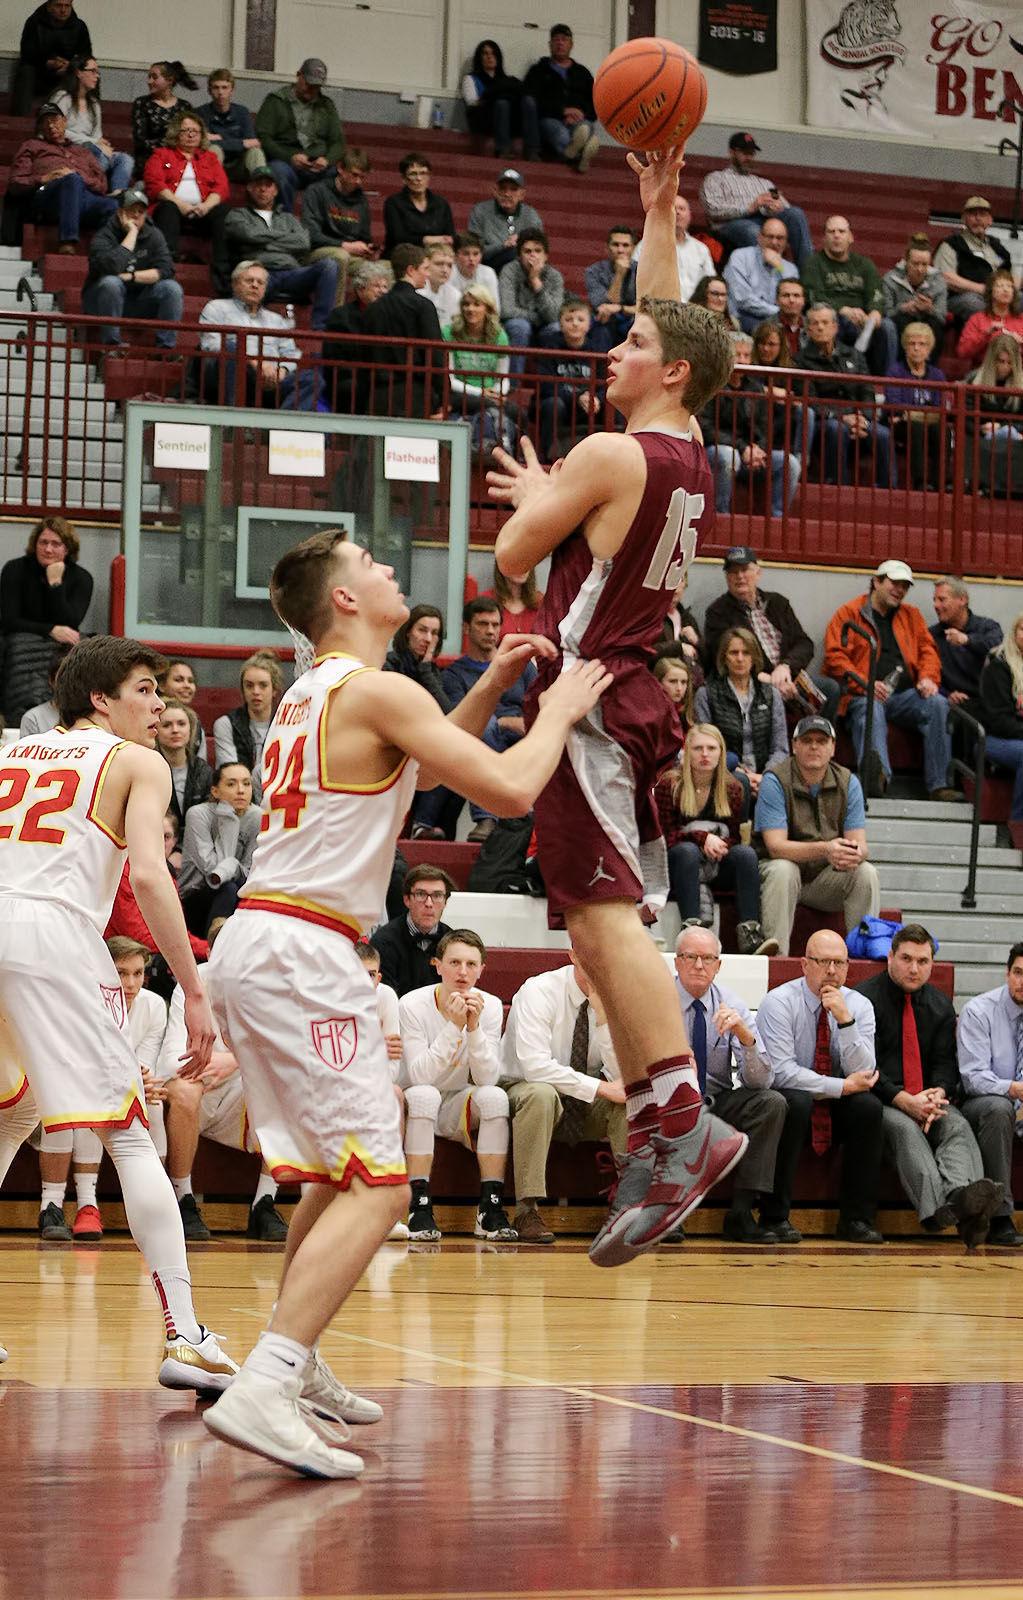 030218-ir-spt-boys-basketball-HHS-1.jpg